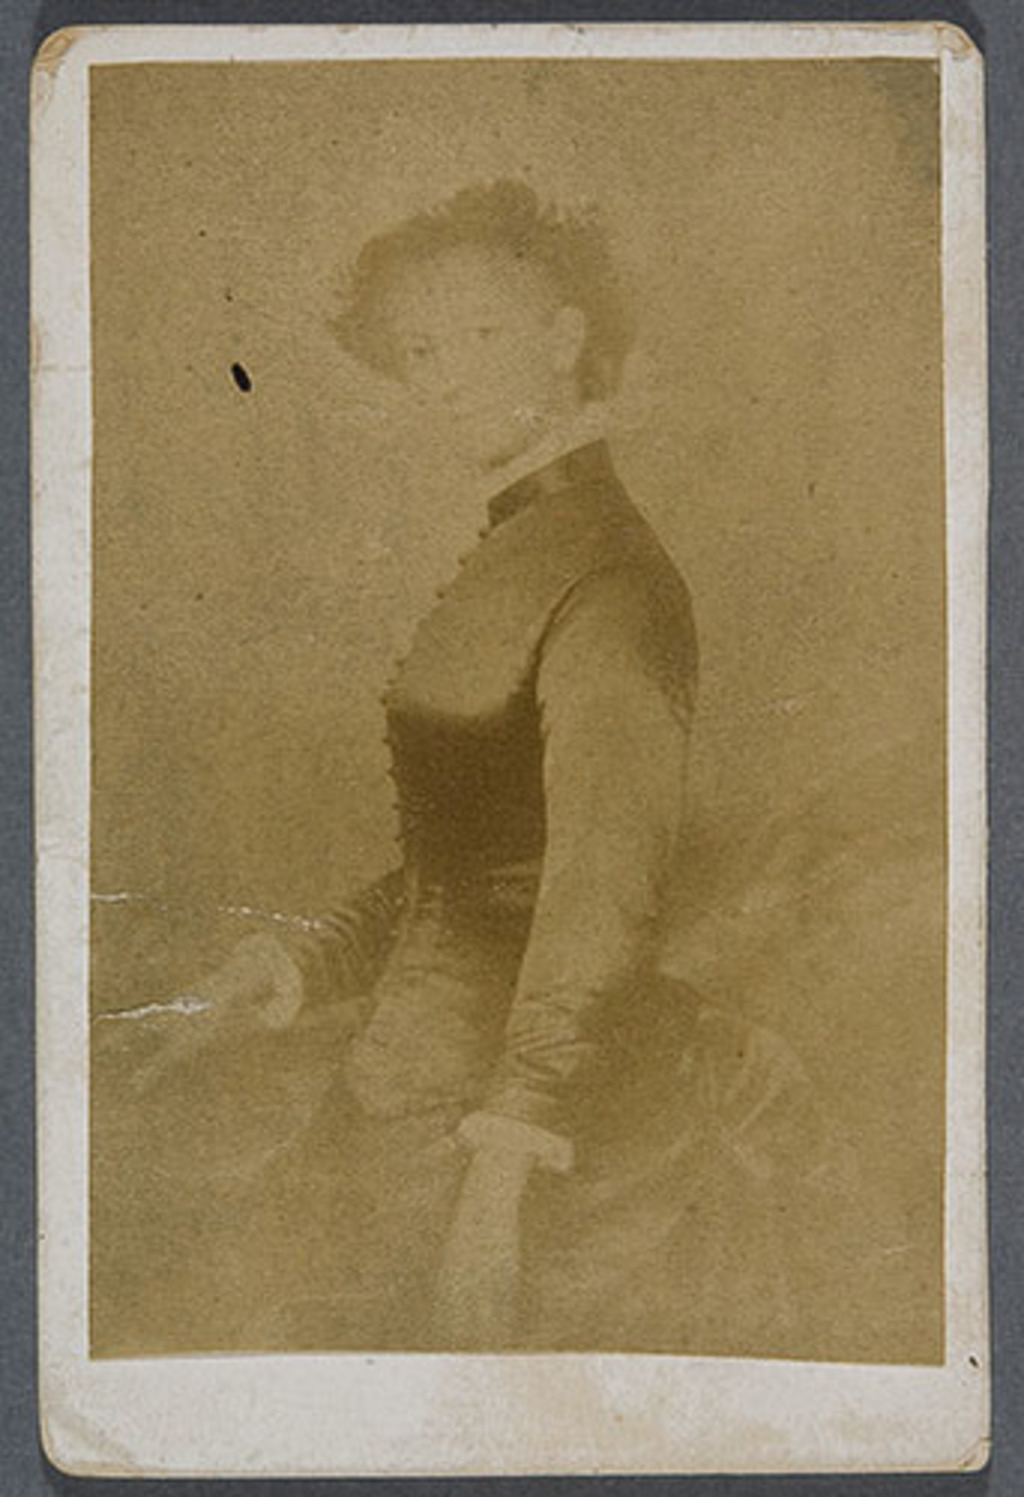 Madame Eugène Hamel, née Ernesta de Cadilhac. Photographie d'un tableau d'Eugène Hamel